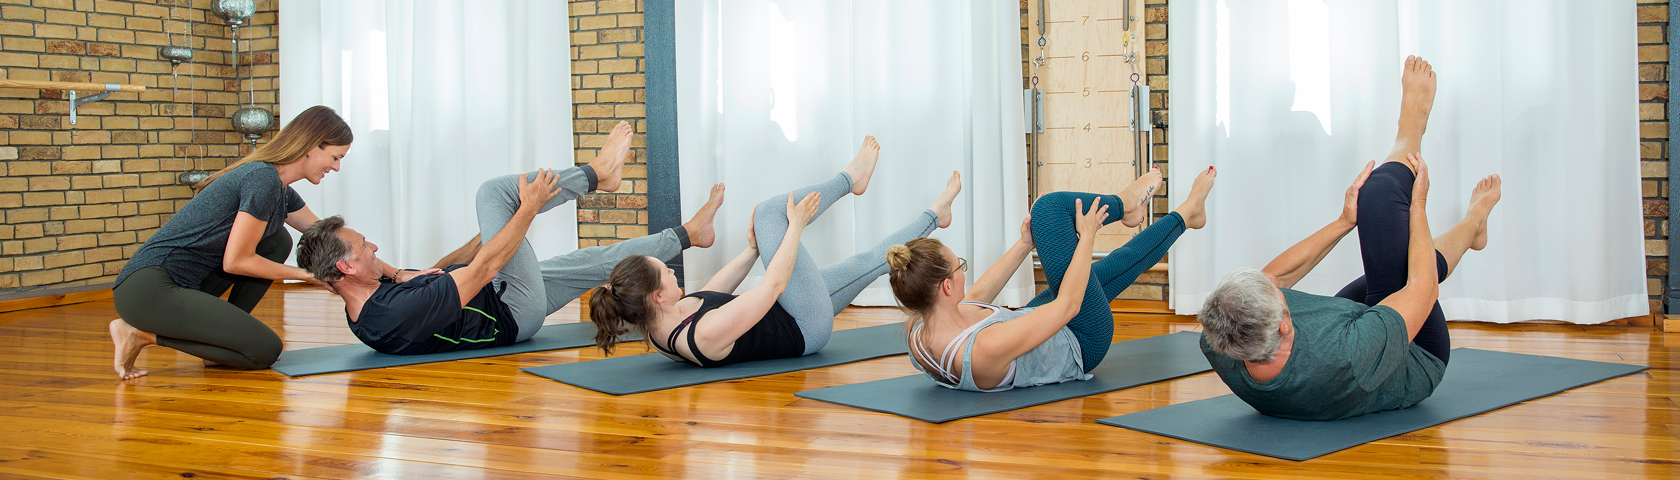 Pilates-allg-cut-6230.jpg